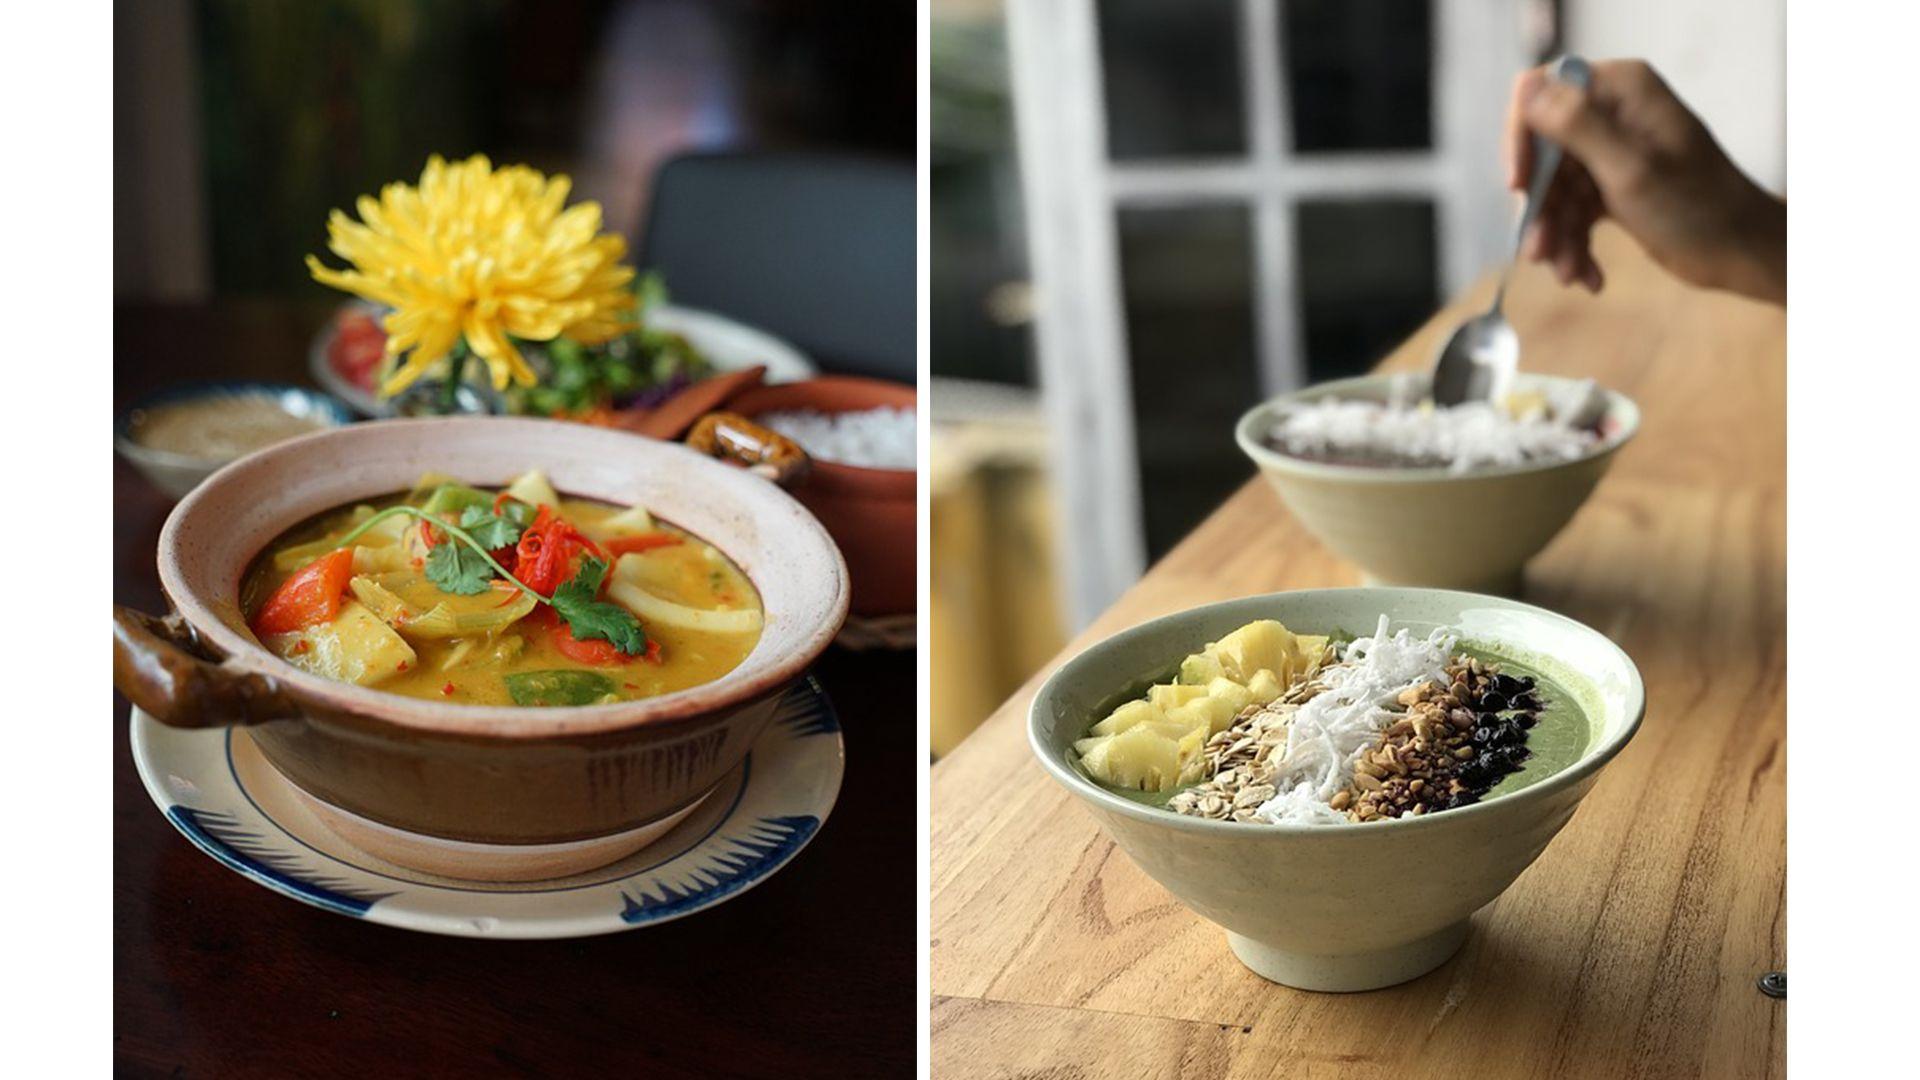 越南在地經典美食大搜羅!北部必吃腸粉,南部愛加糖和椰奶